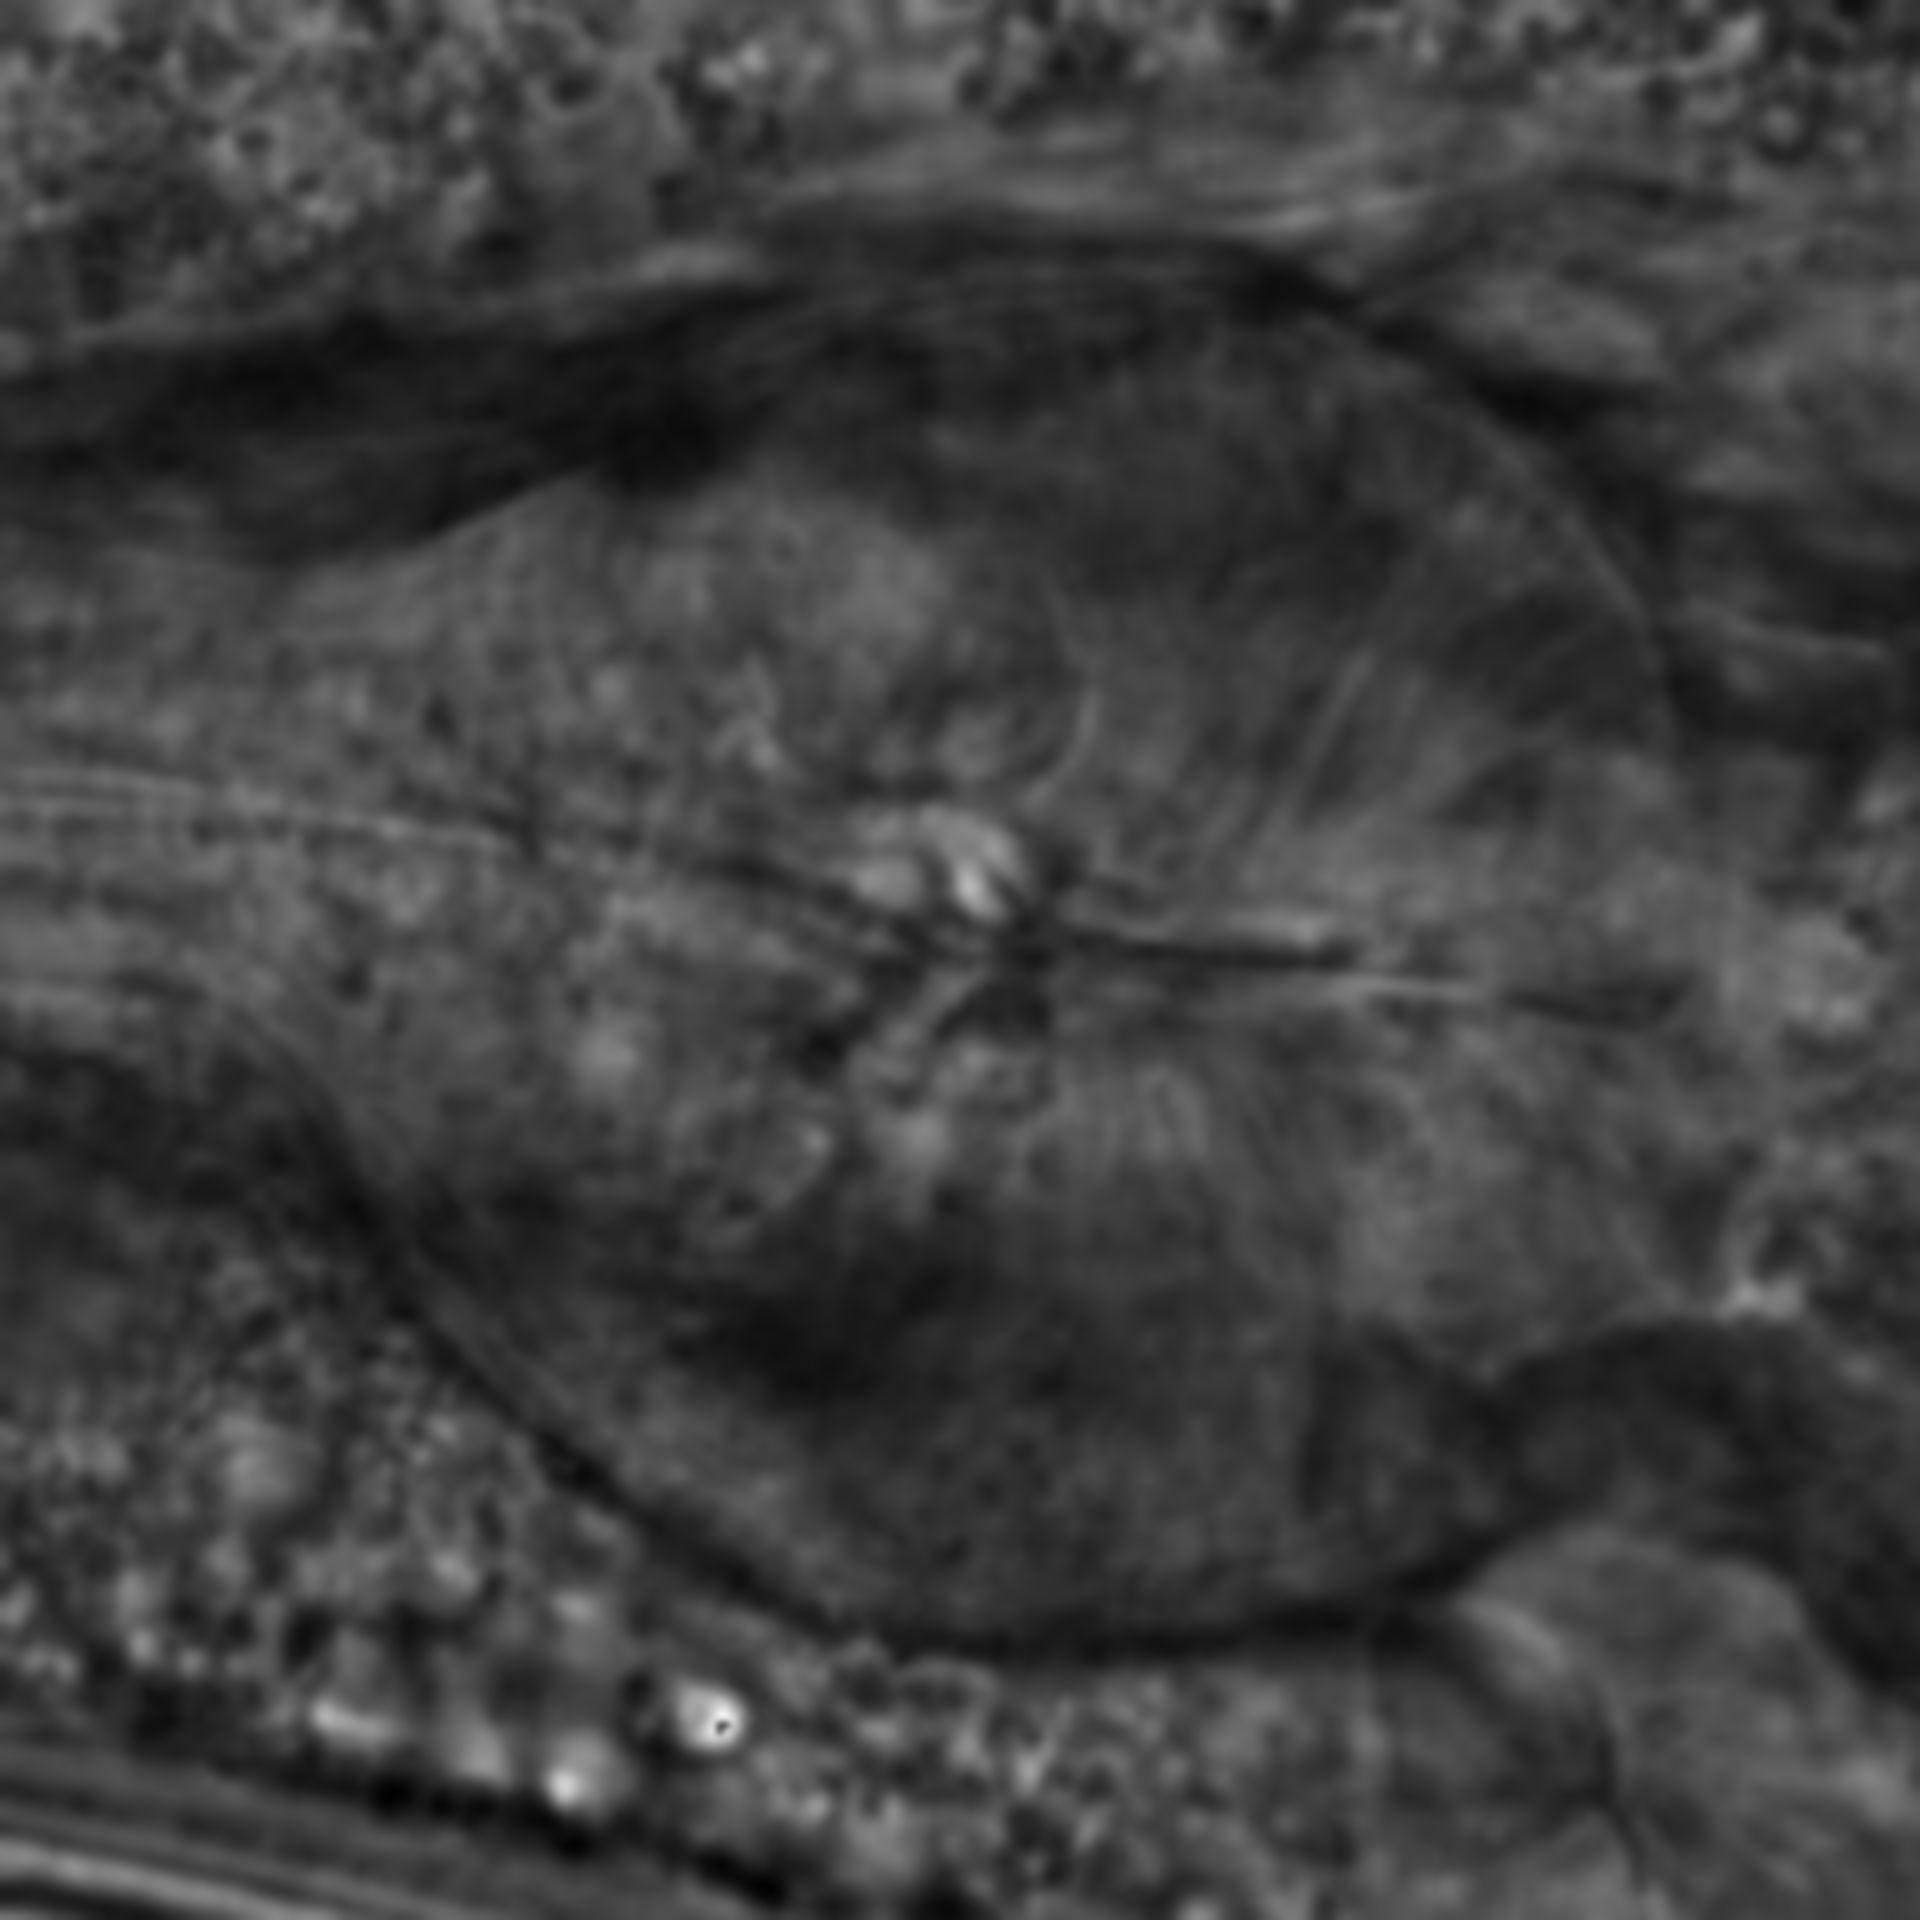 Caenorhabditis elegans - CIL:2172